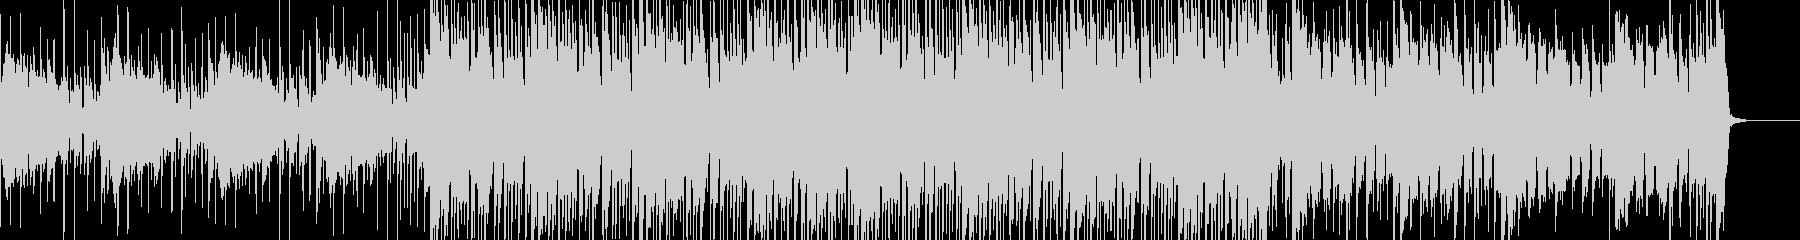 明るめなトロピカルハウスの未再生の波形